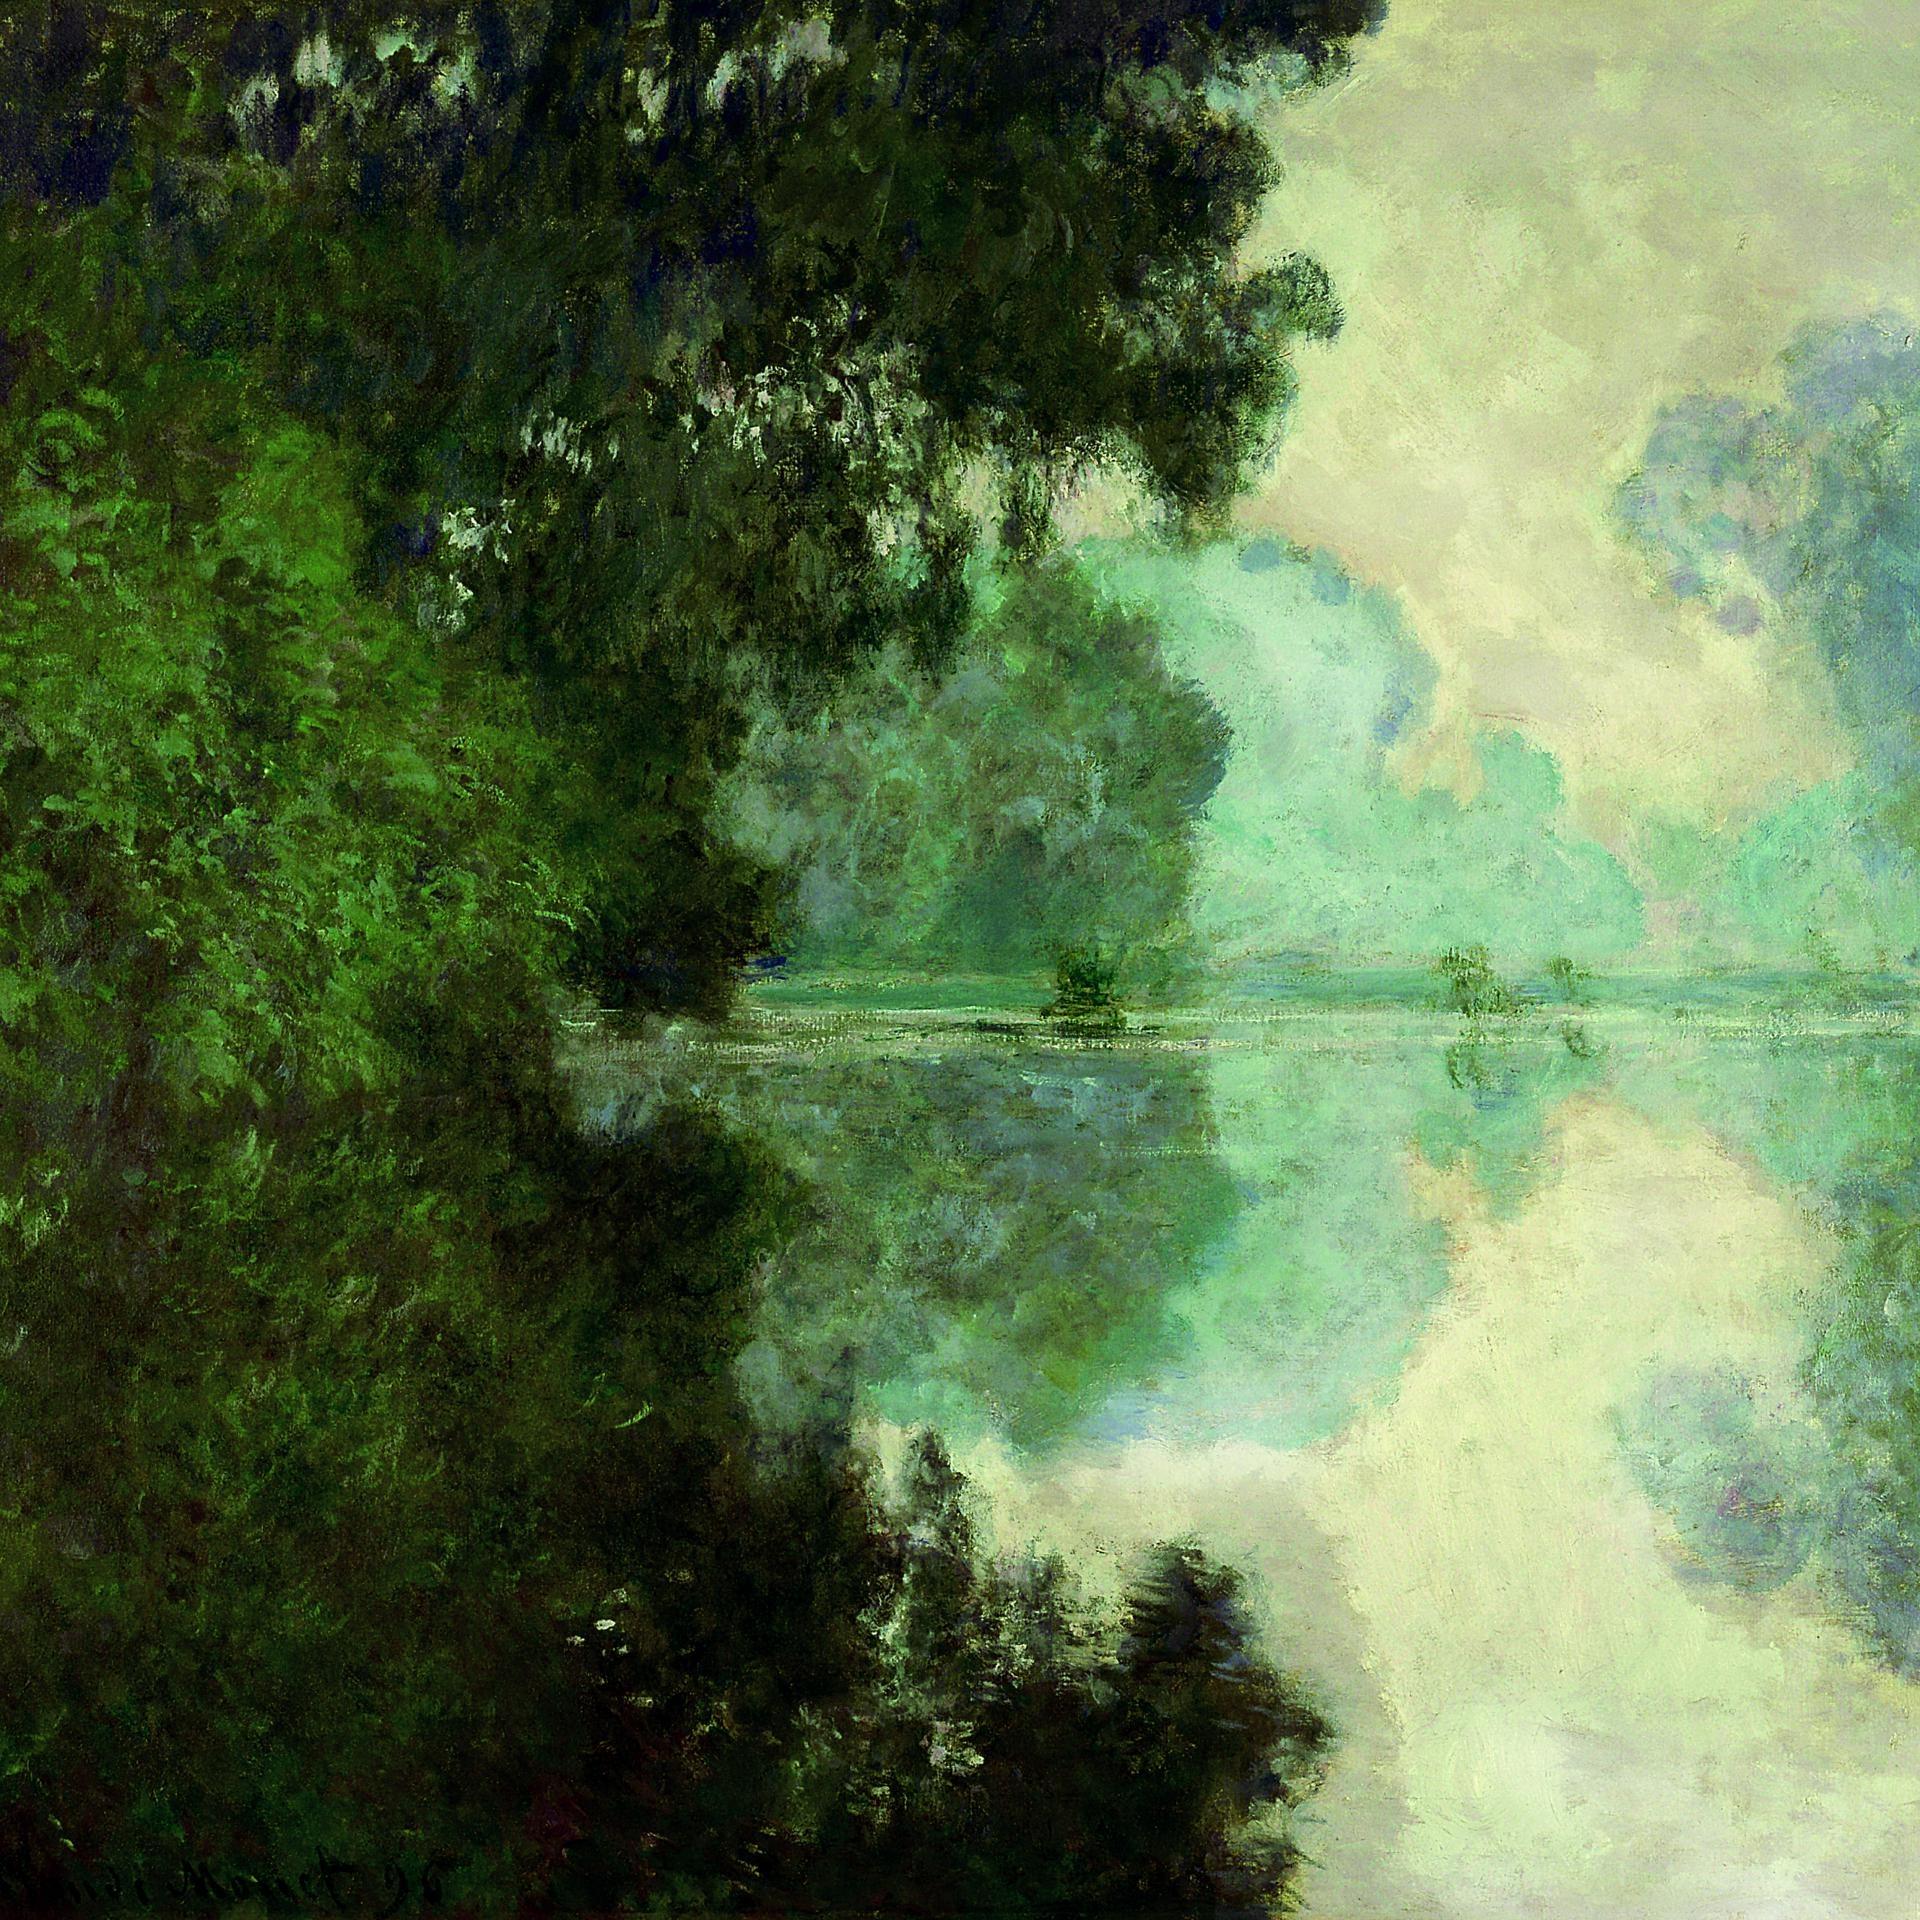 0016_莫奈_13莫奈-塞纳河畔2(80x80)-世界名画高清调色版套图20幅TIF_4724x4724PX_TIF_150DPI_66_0